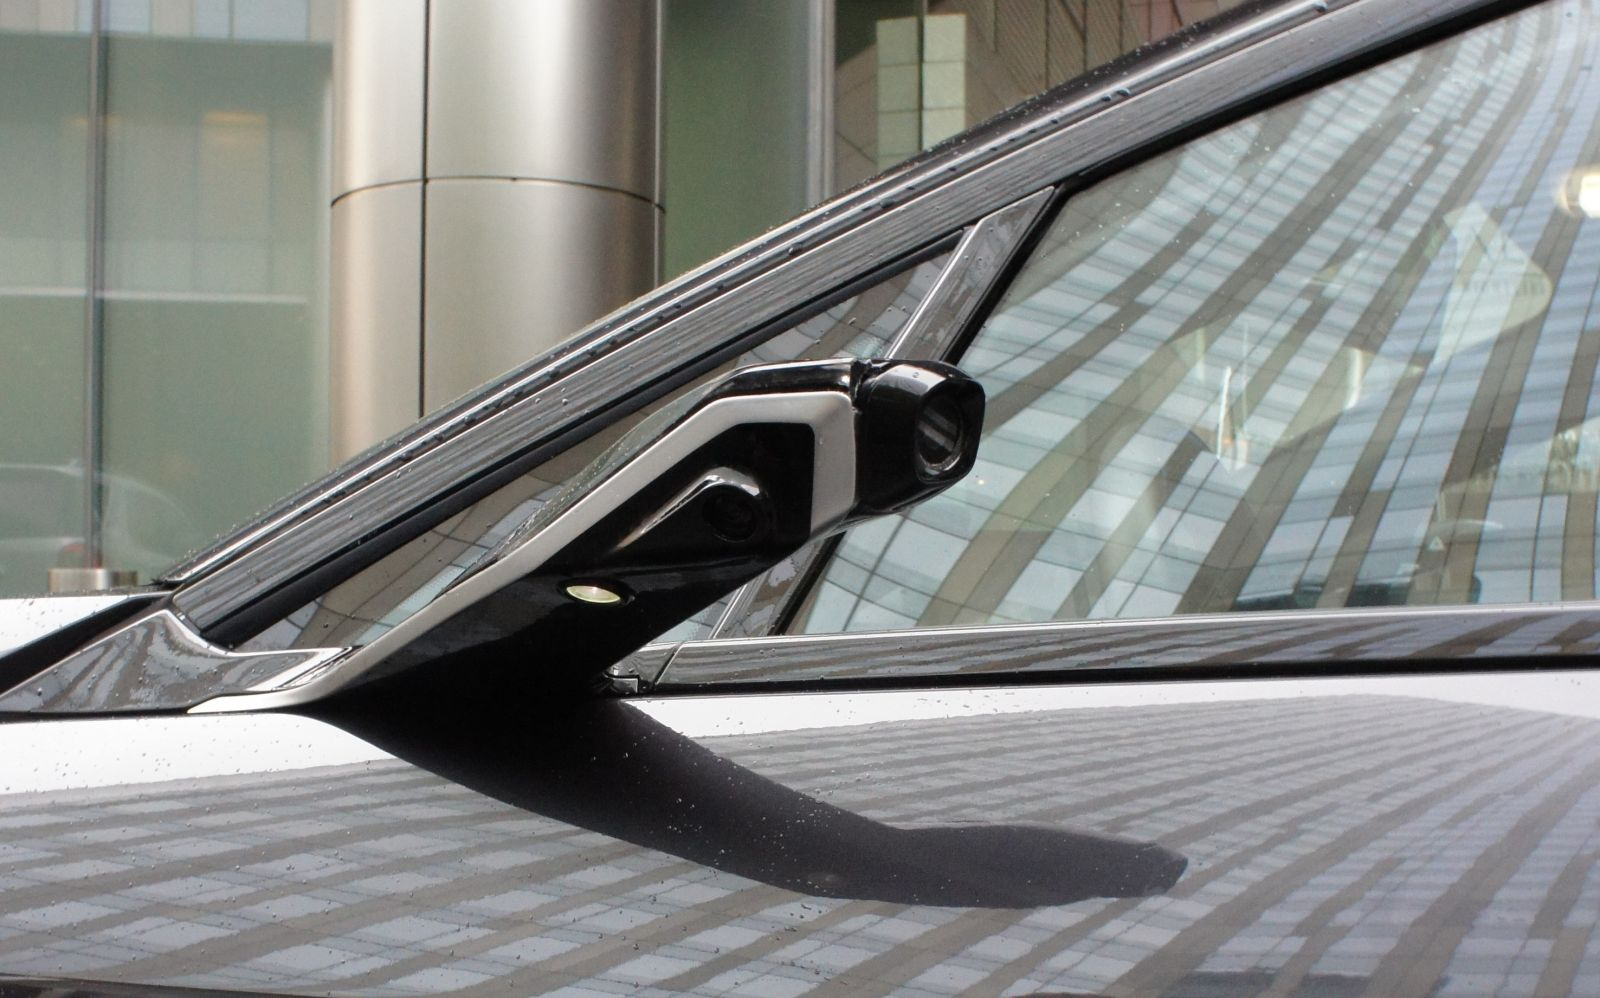 BMW spatne zrkadla